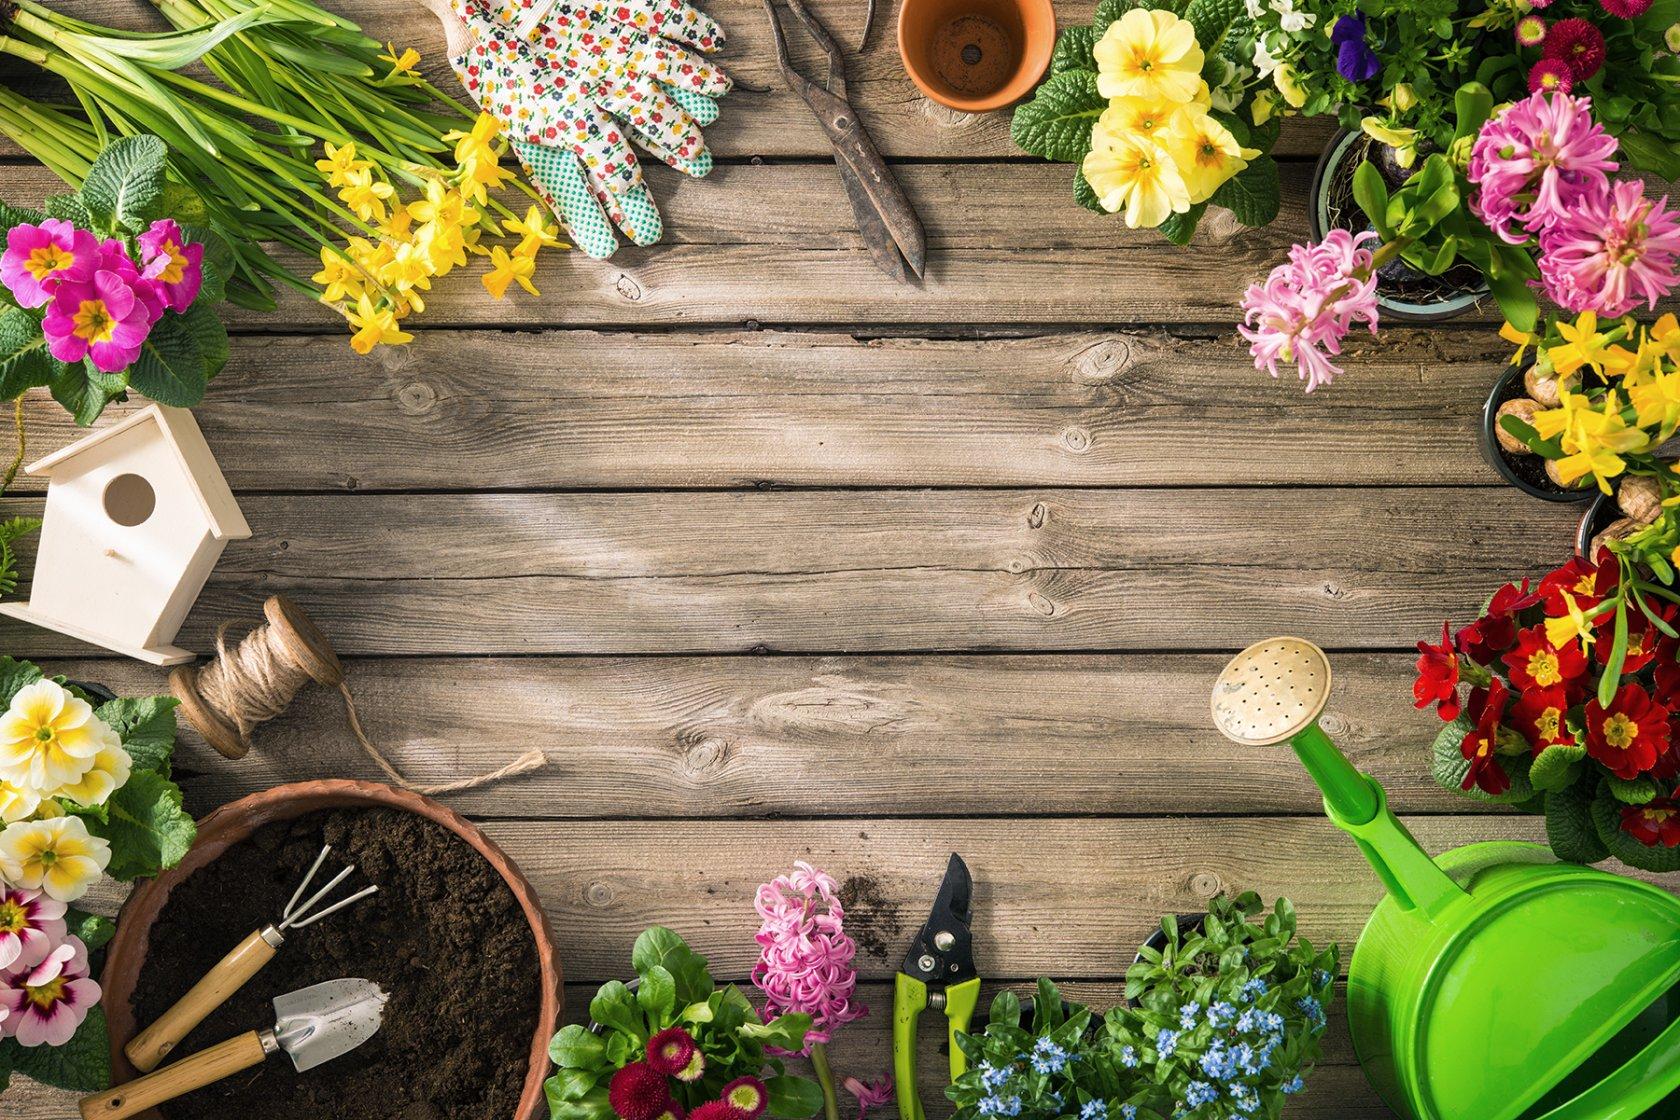 Свежие цветы оптом в чебоксарах, какое количество цветов можно подарить девушке